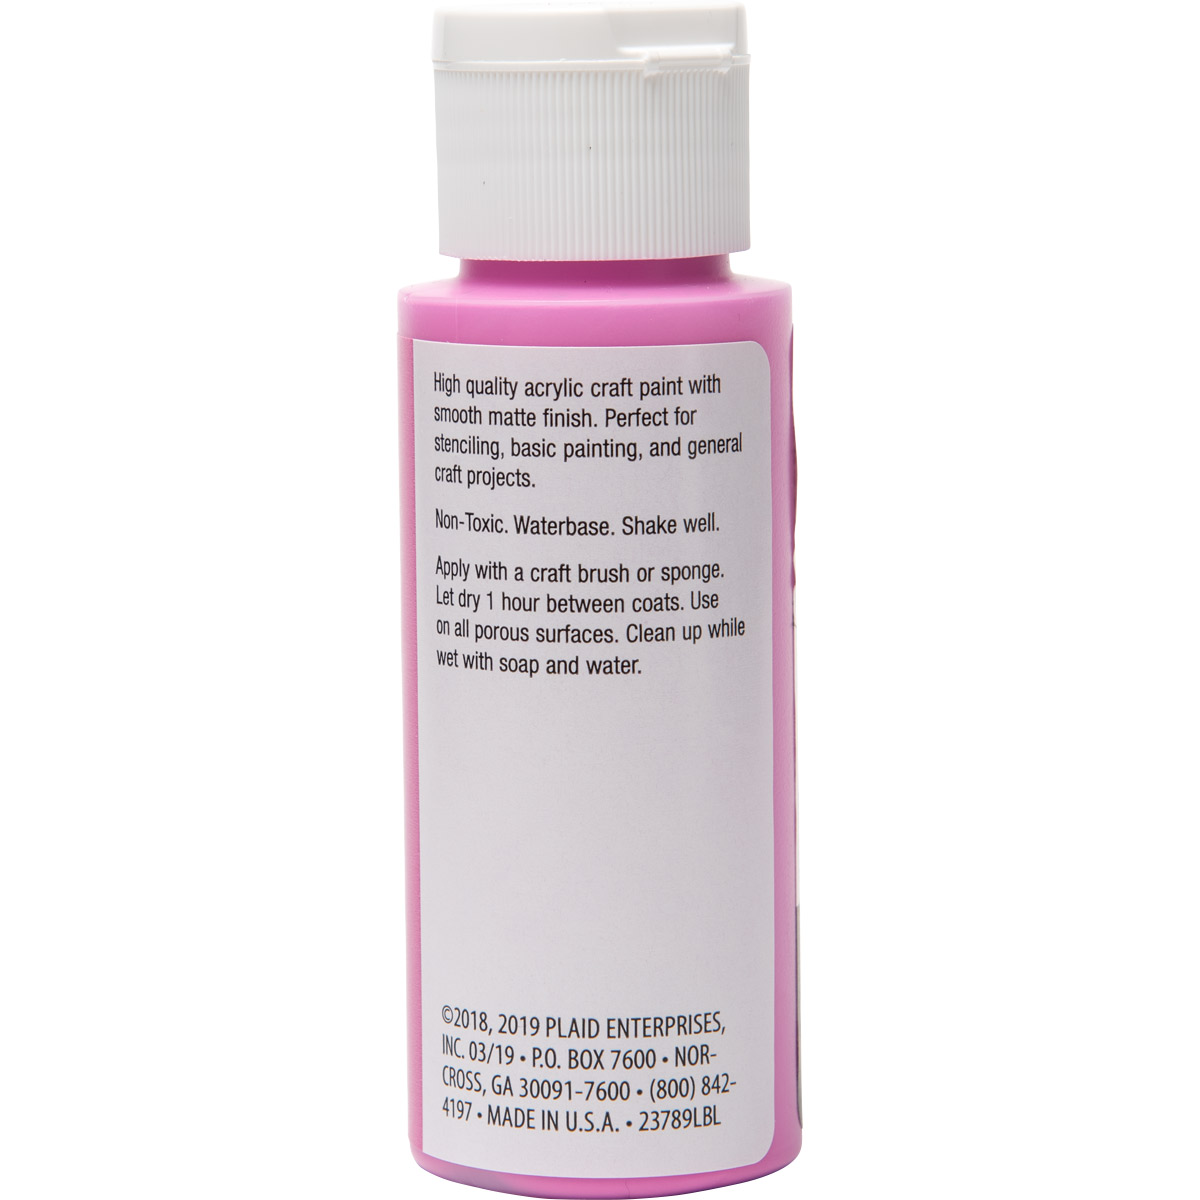 Plaid ® Painter's Palette™ Acrylic Paint - Bright Pink, 2 oz.